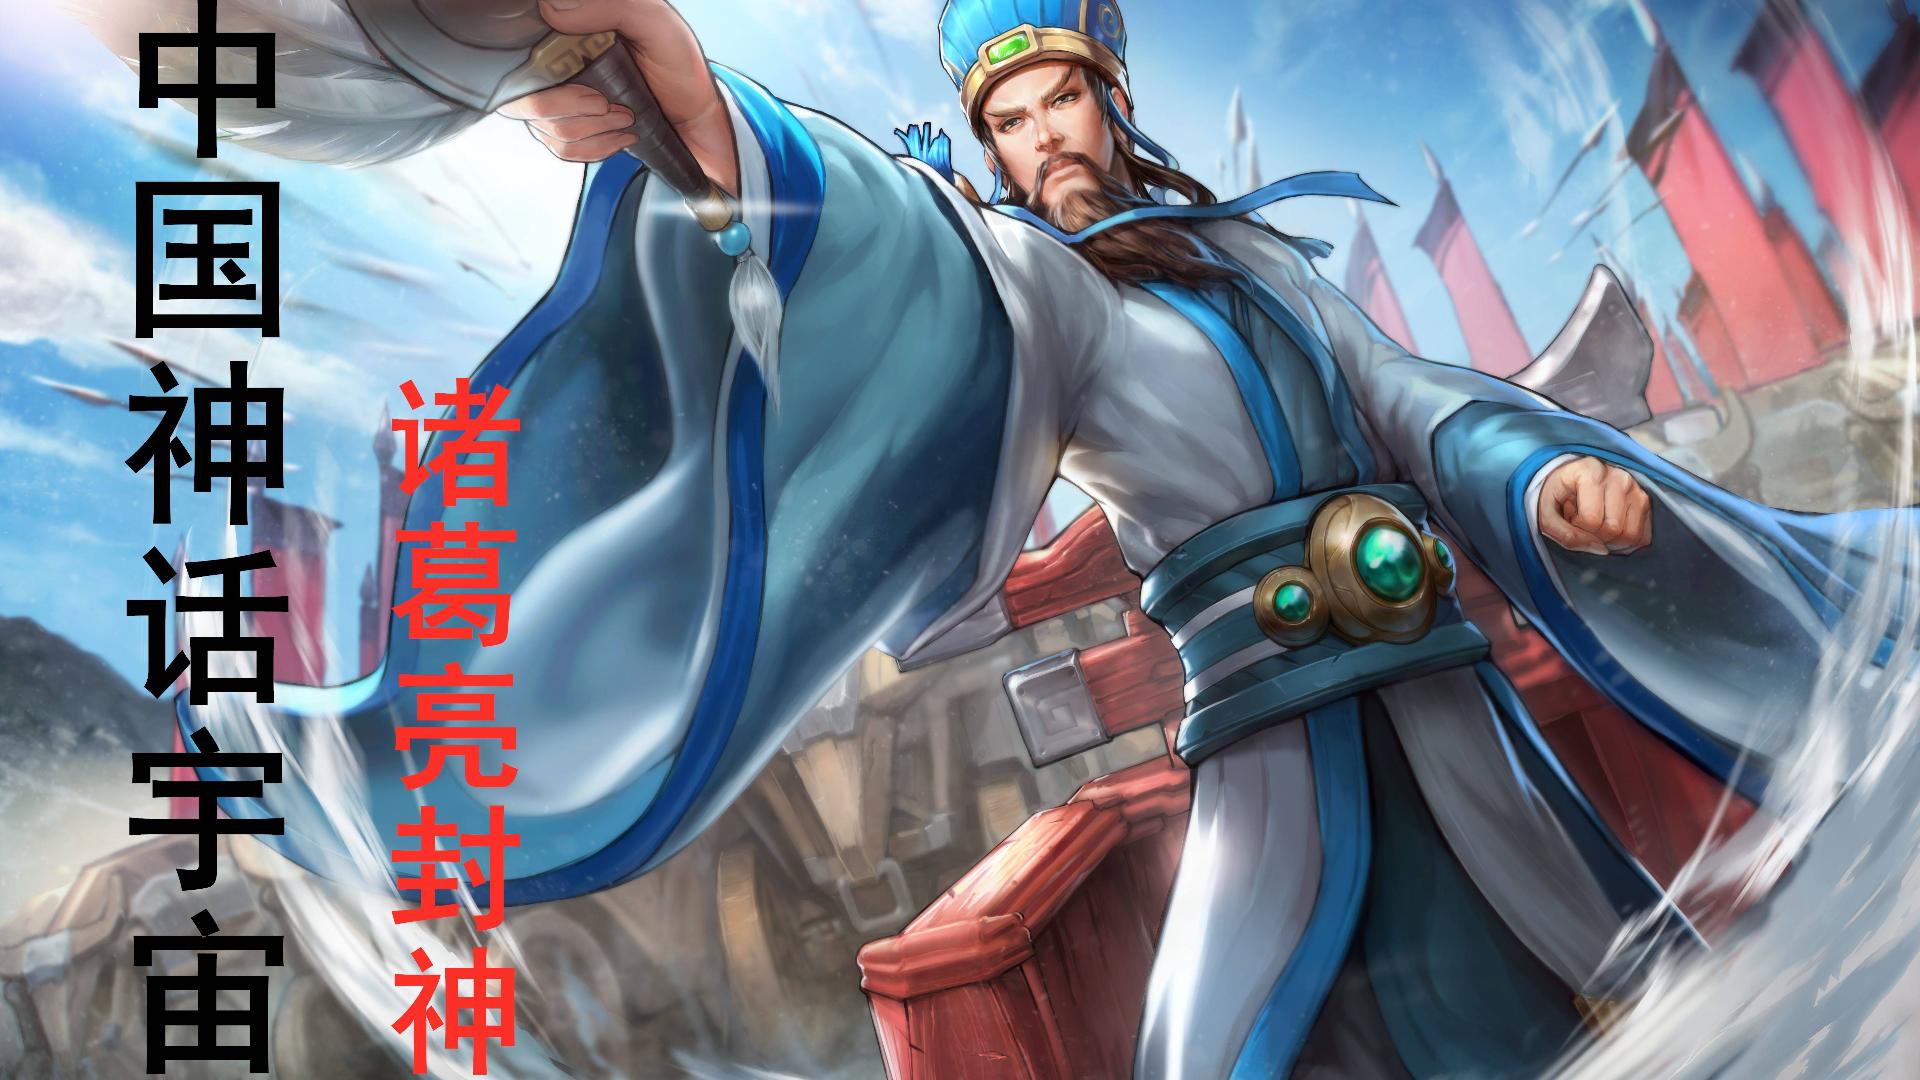 中国神话宇宙,诸葛亮封神!中古仙侠之东汉篇